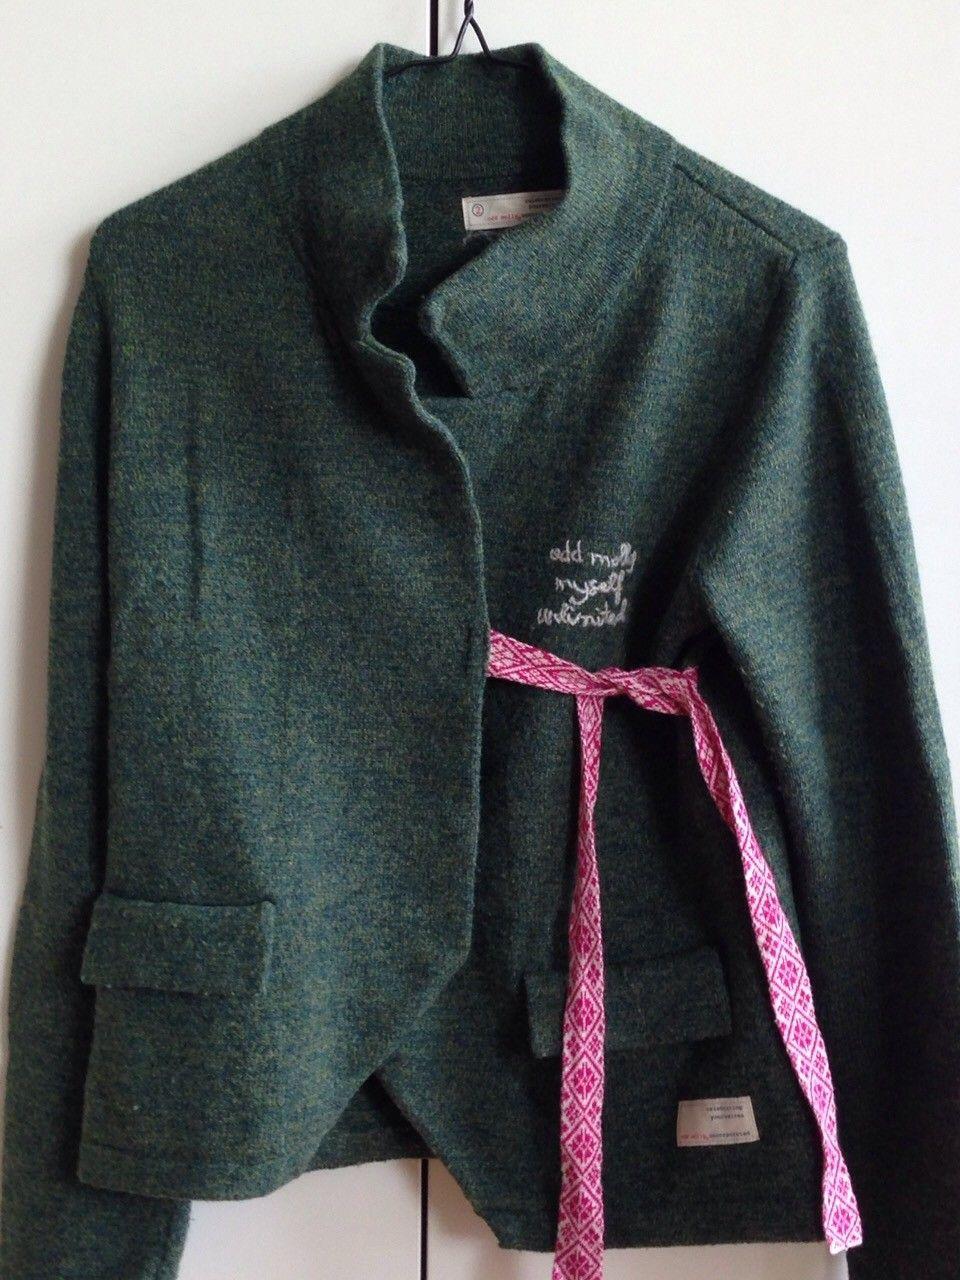 Lovely knit, Odd Molly - Trondheim  - Omslagsjakke i ullblanding fra Odd Molly , jakken er grønn og har knytebånd i rosa og hvitt. Str 2(M), selges kr 600.  Ev. porto kommer i tillegg :) - Trondheim